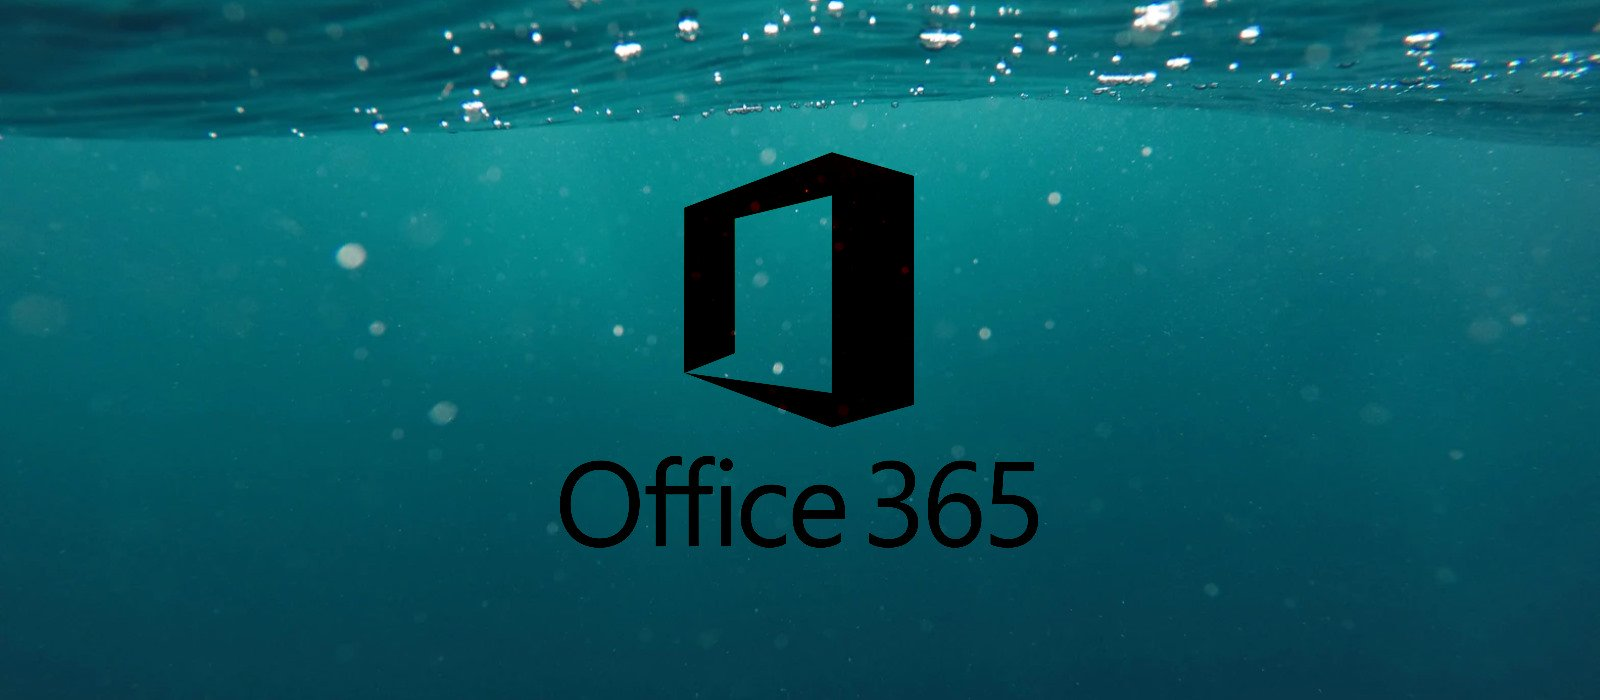 Office 365 ti consentirà di gestire le e-mail di simulazione di phishing